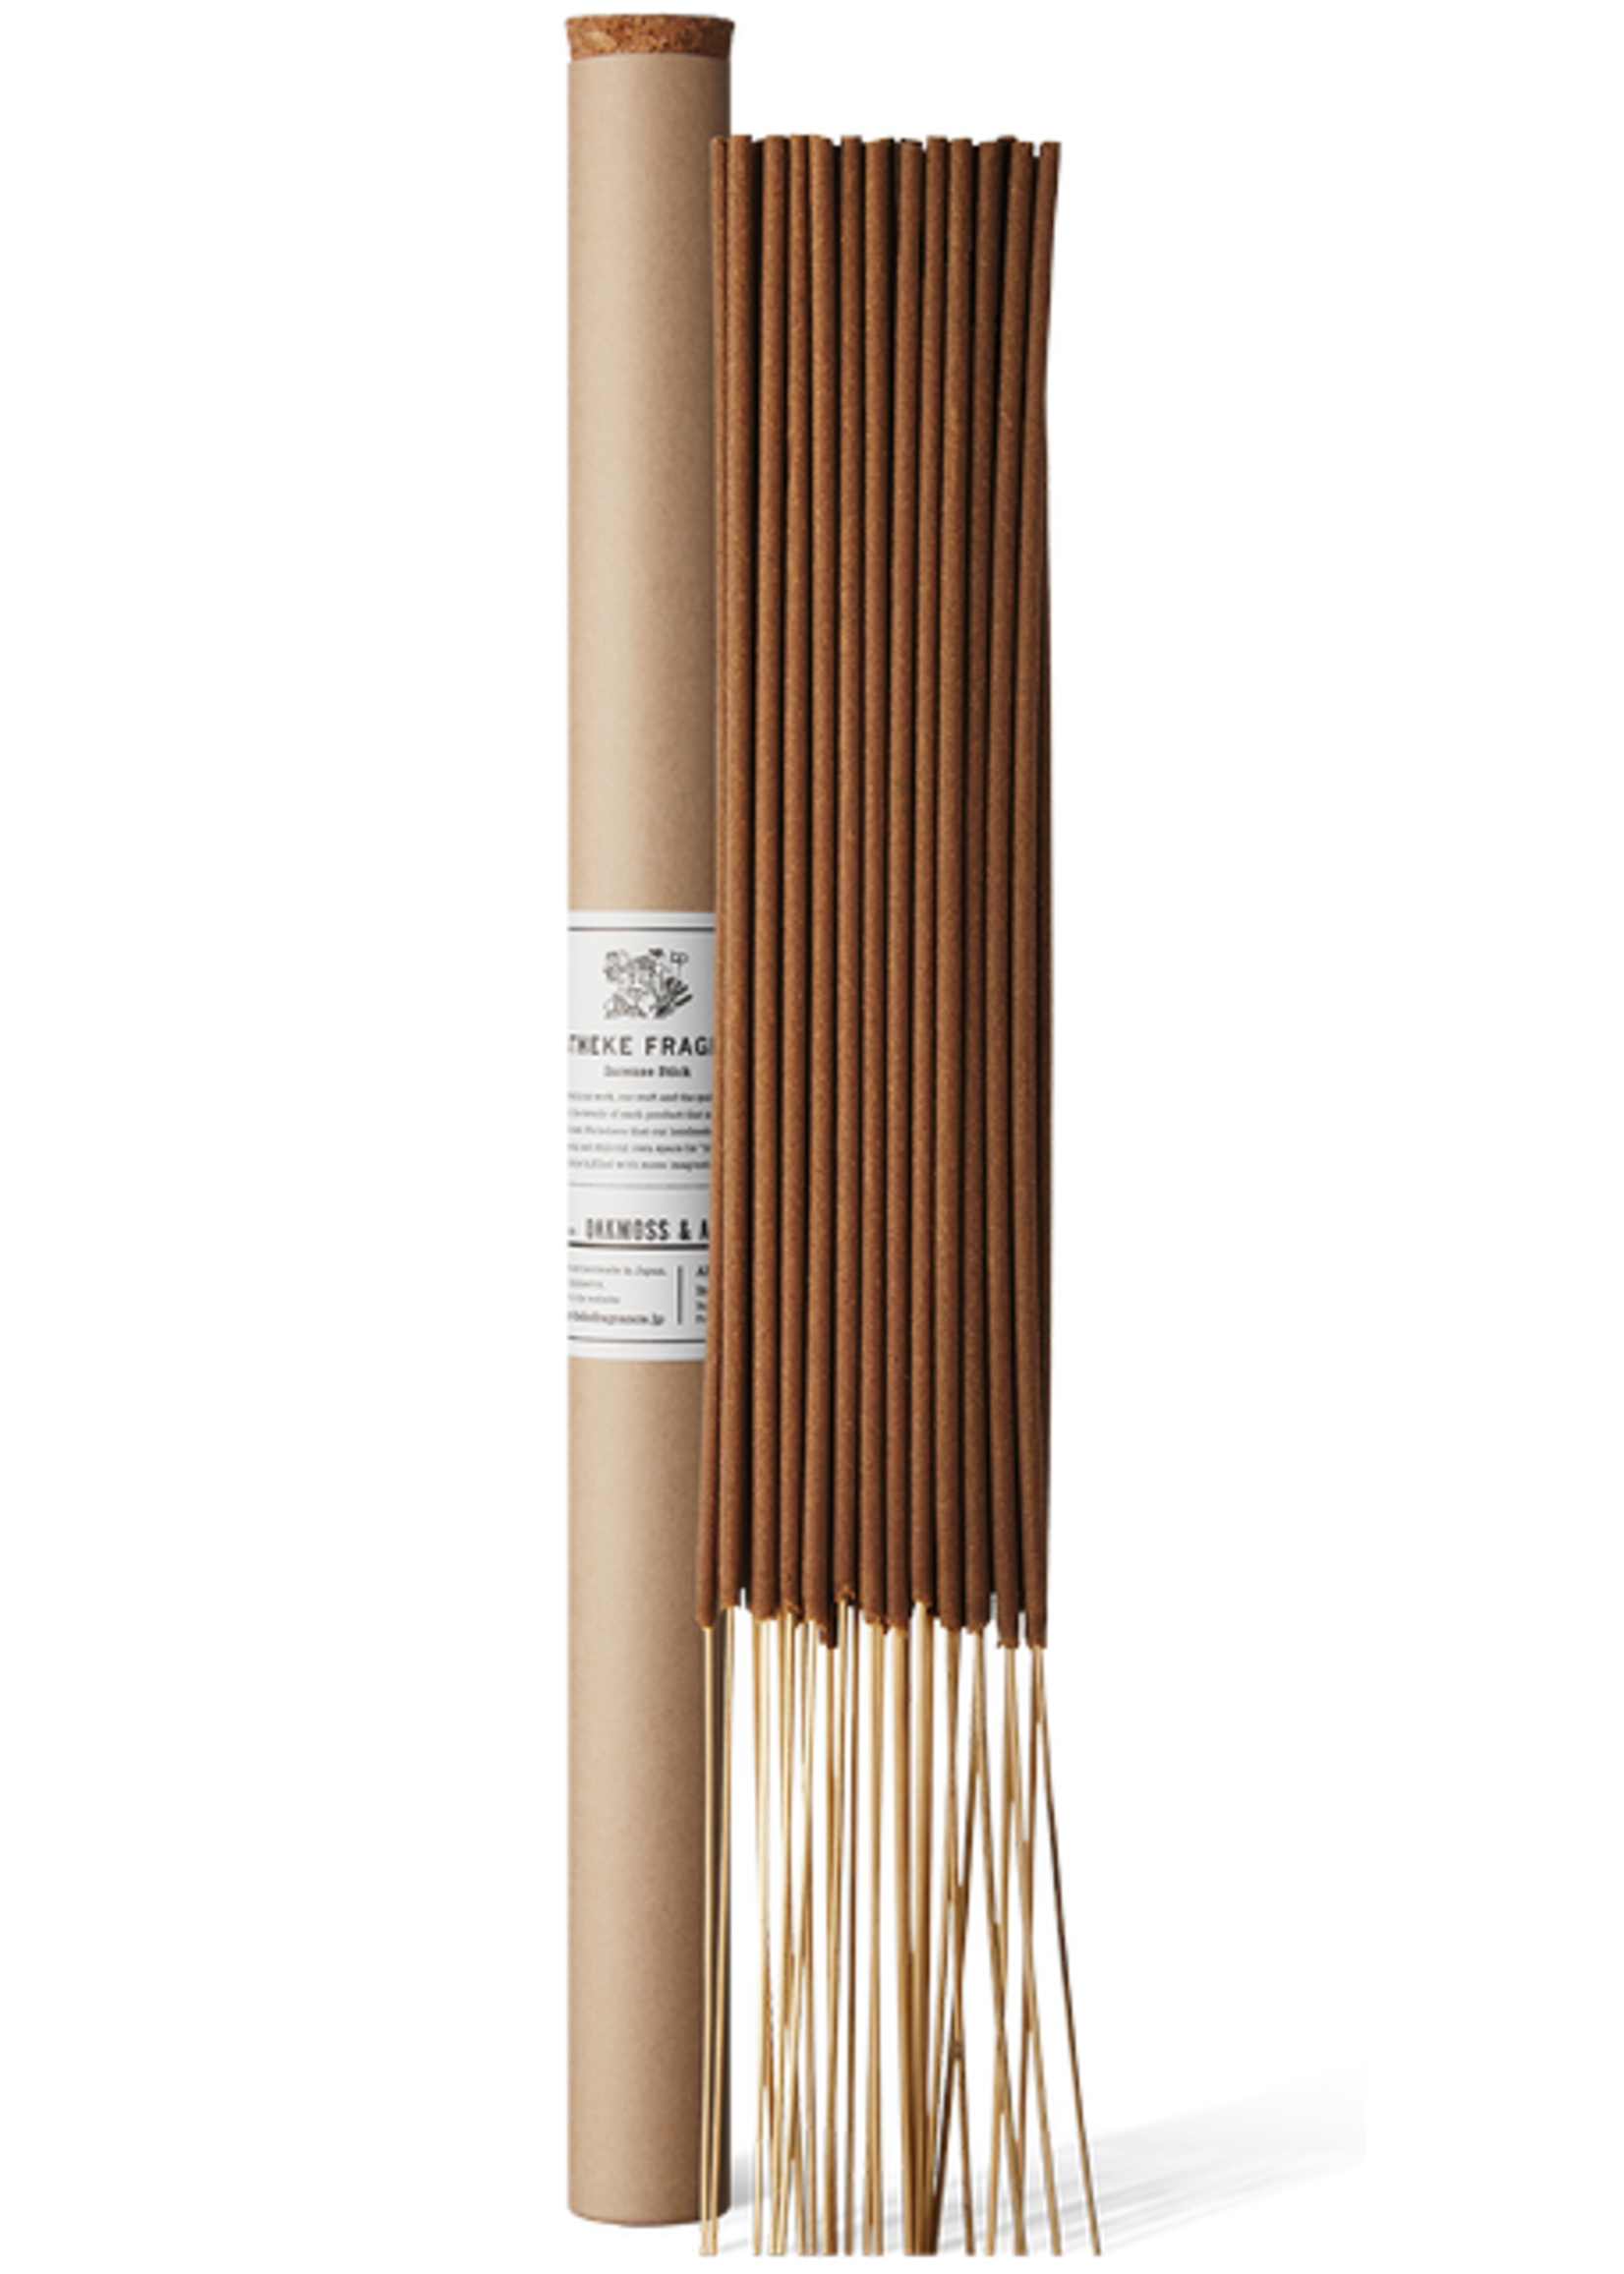 APFR Japan Japanese Incense: Oakmoss & Amber